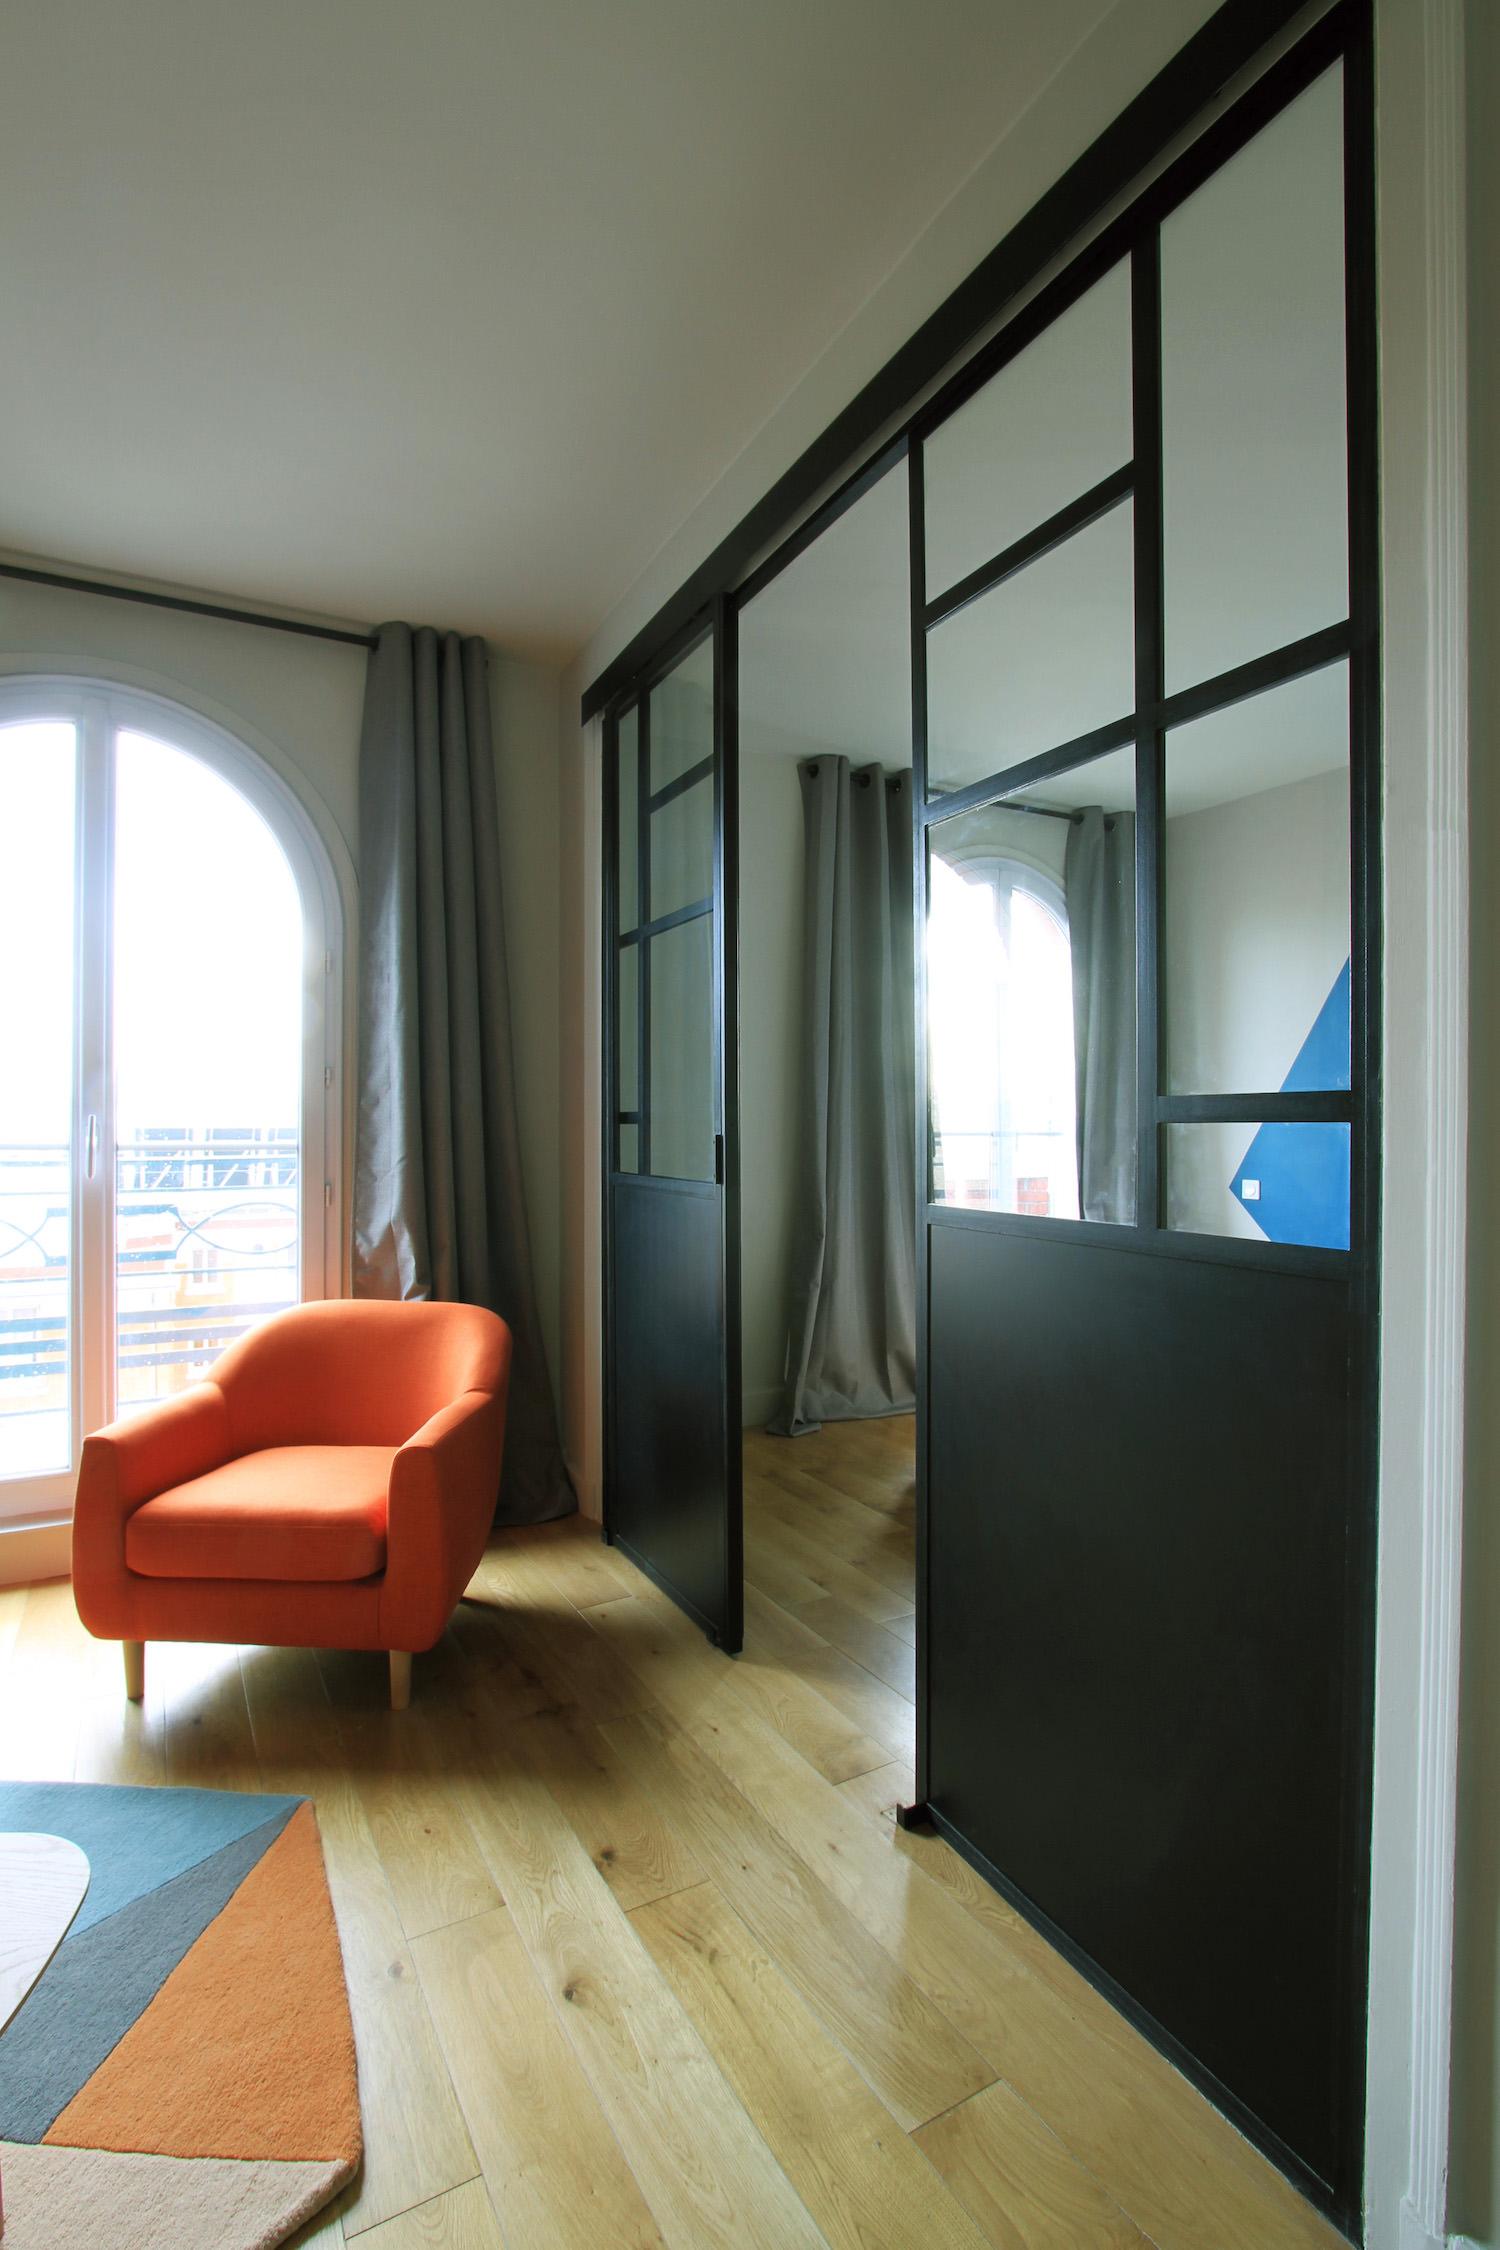 Salon plan large fauteuil verrière.jpg